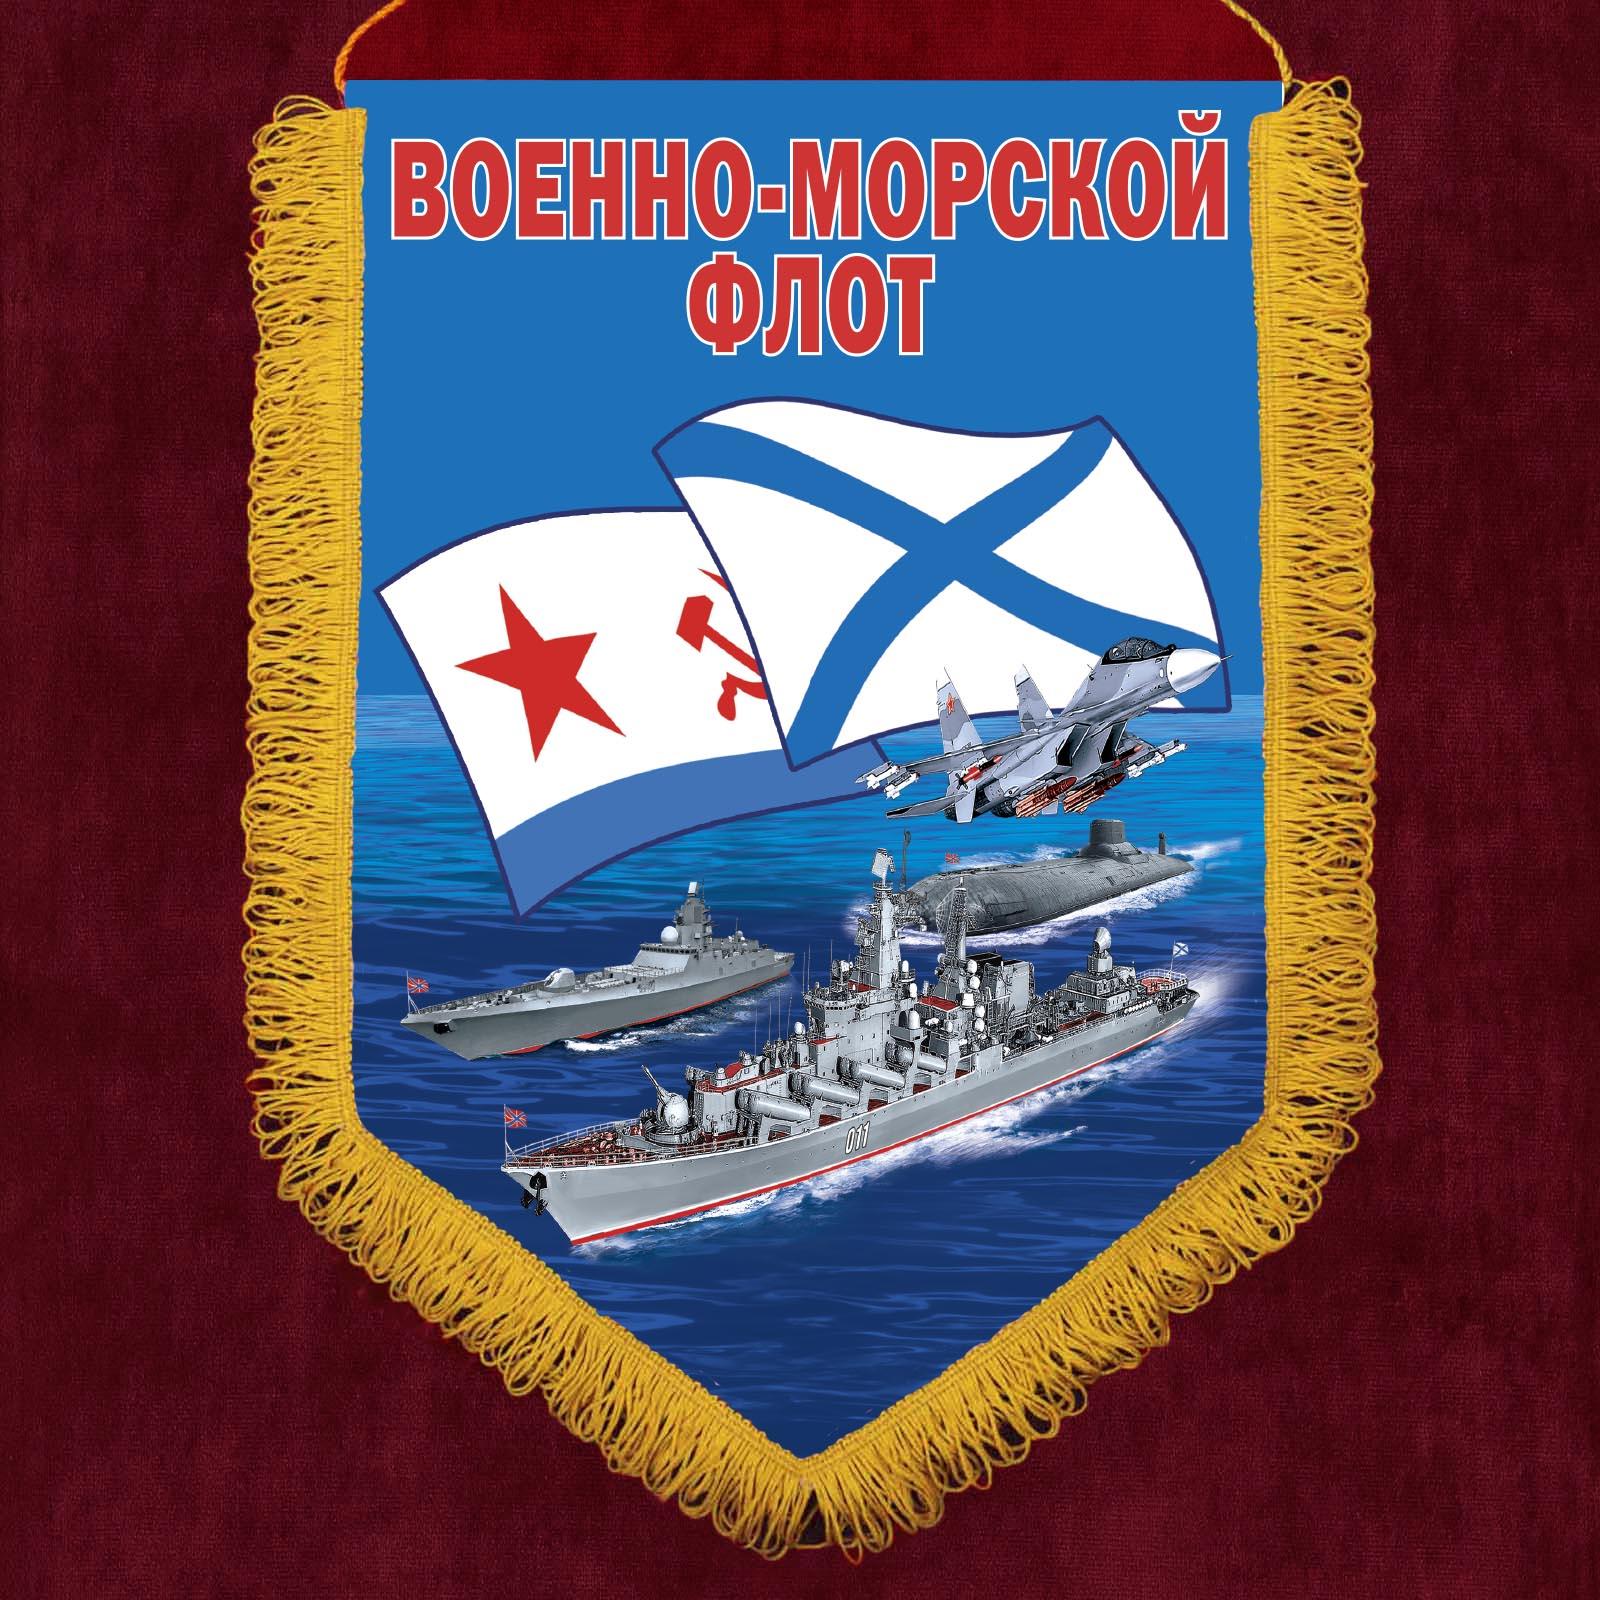 Подарочный вымпел с символикой Военно-морского флота